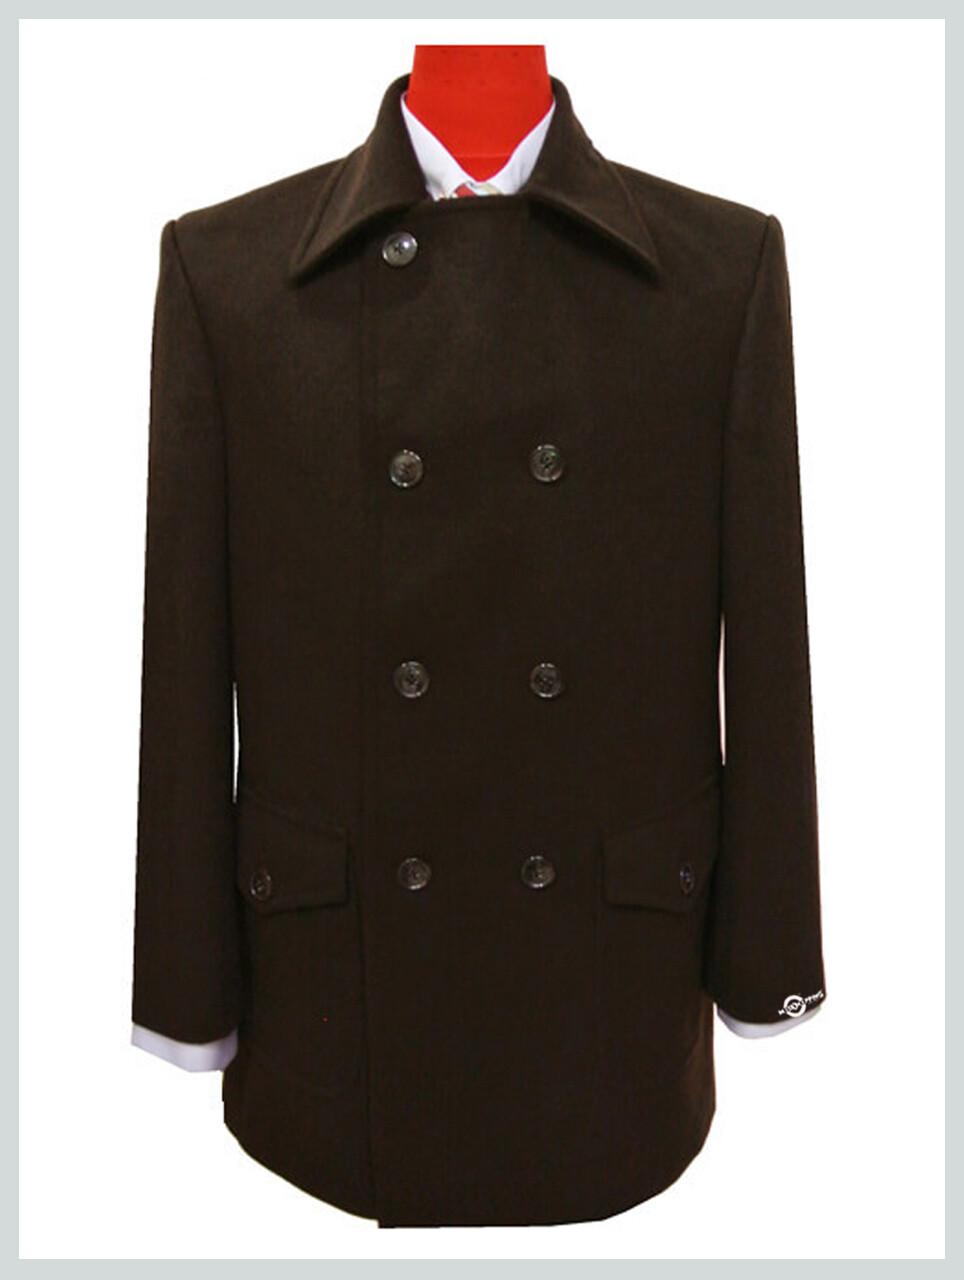 pea coat| tailore mede retro style chocolate colour pea coat mens